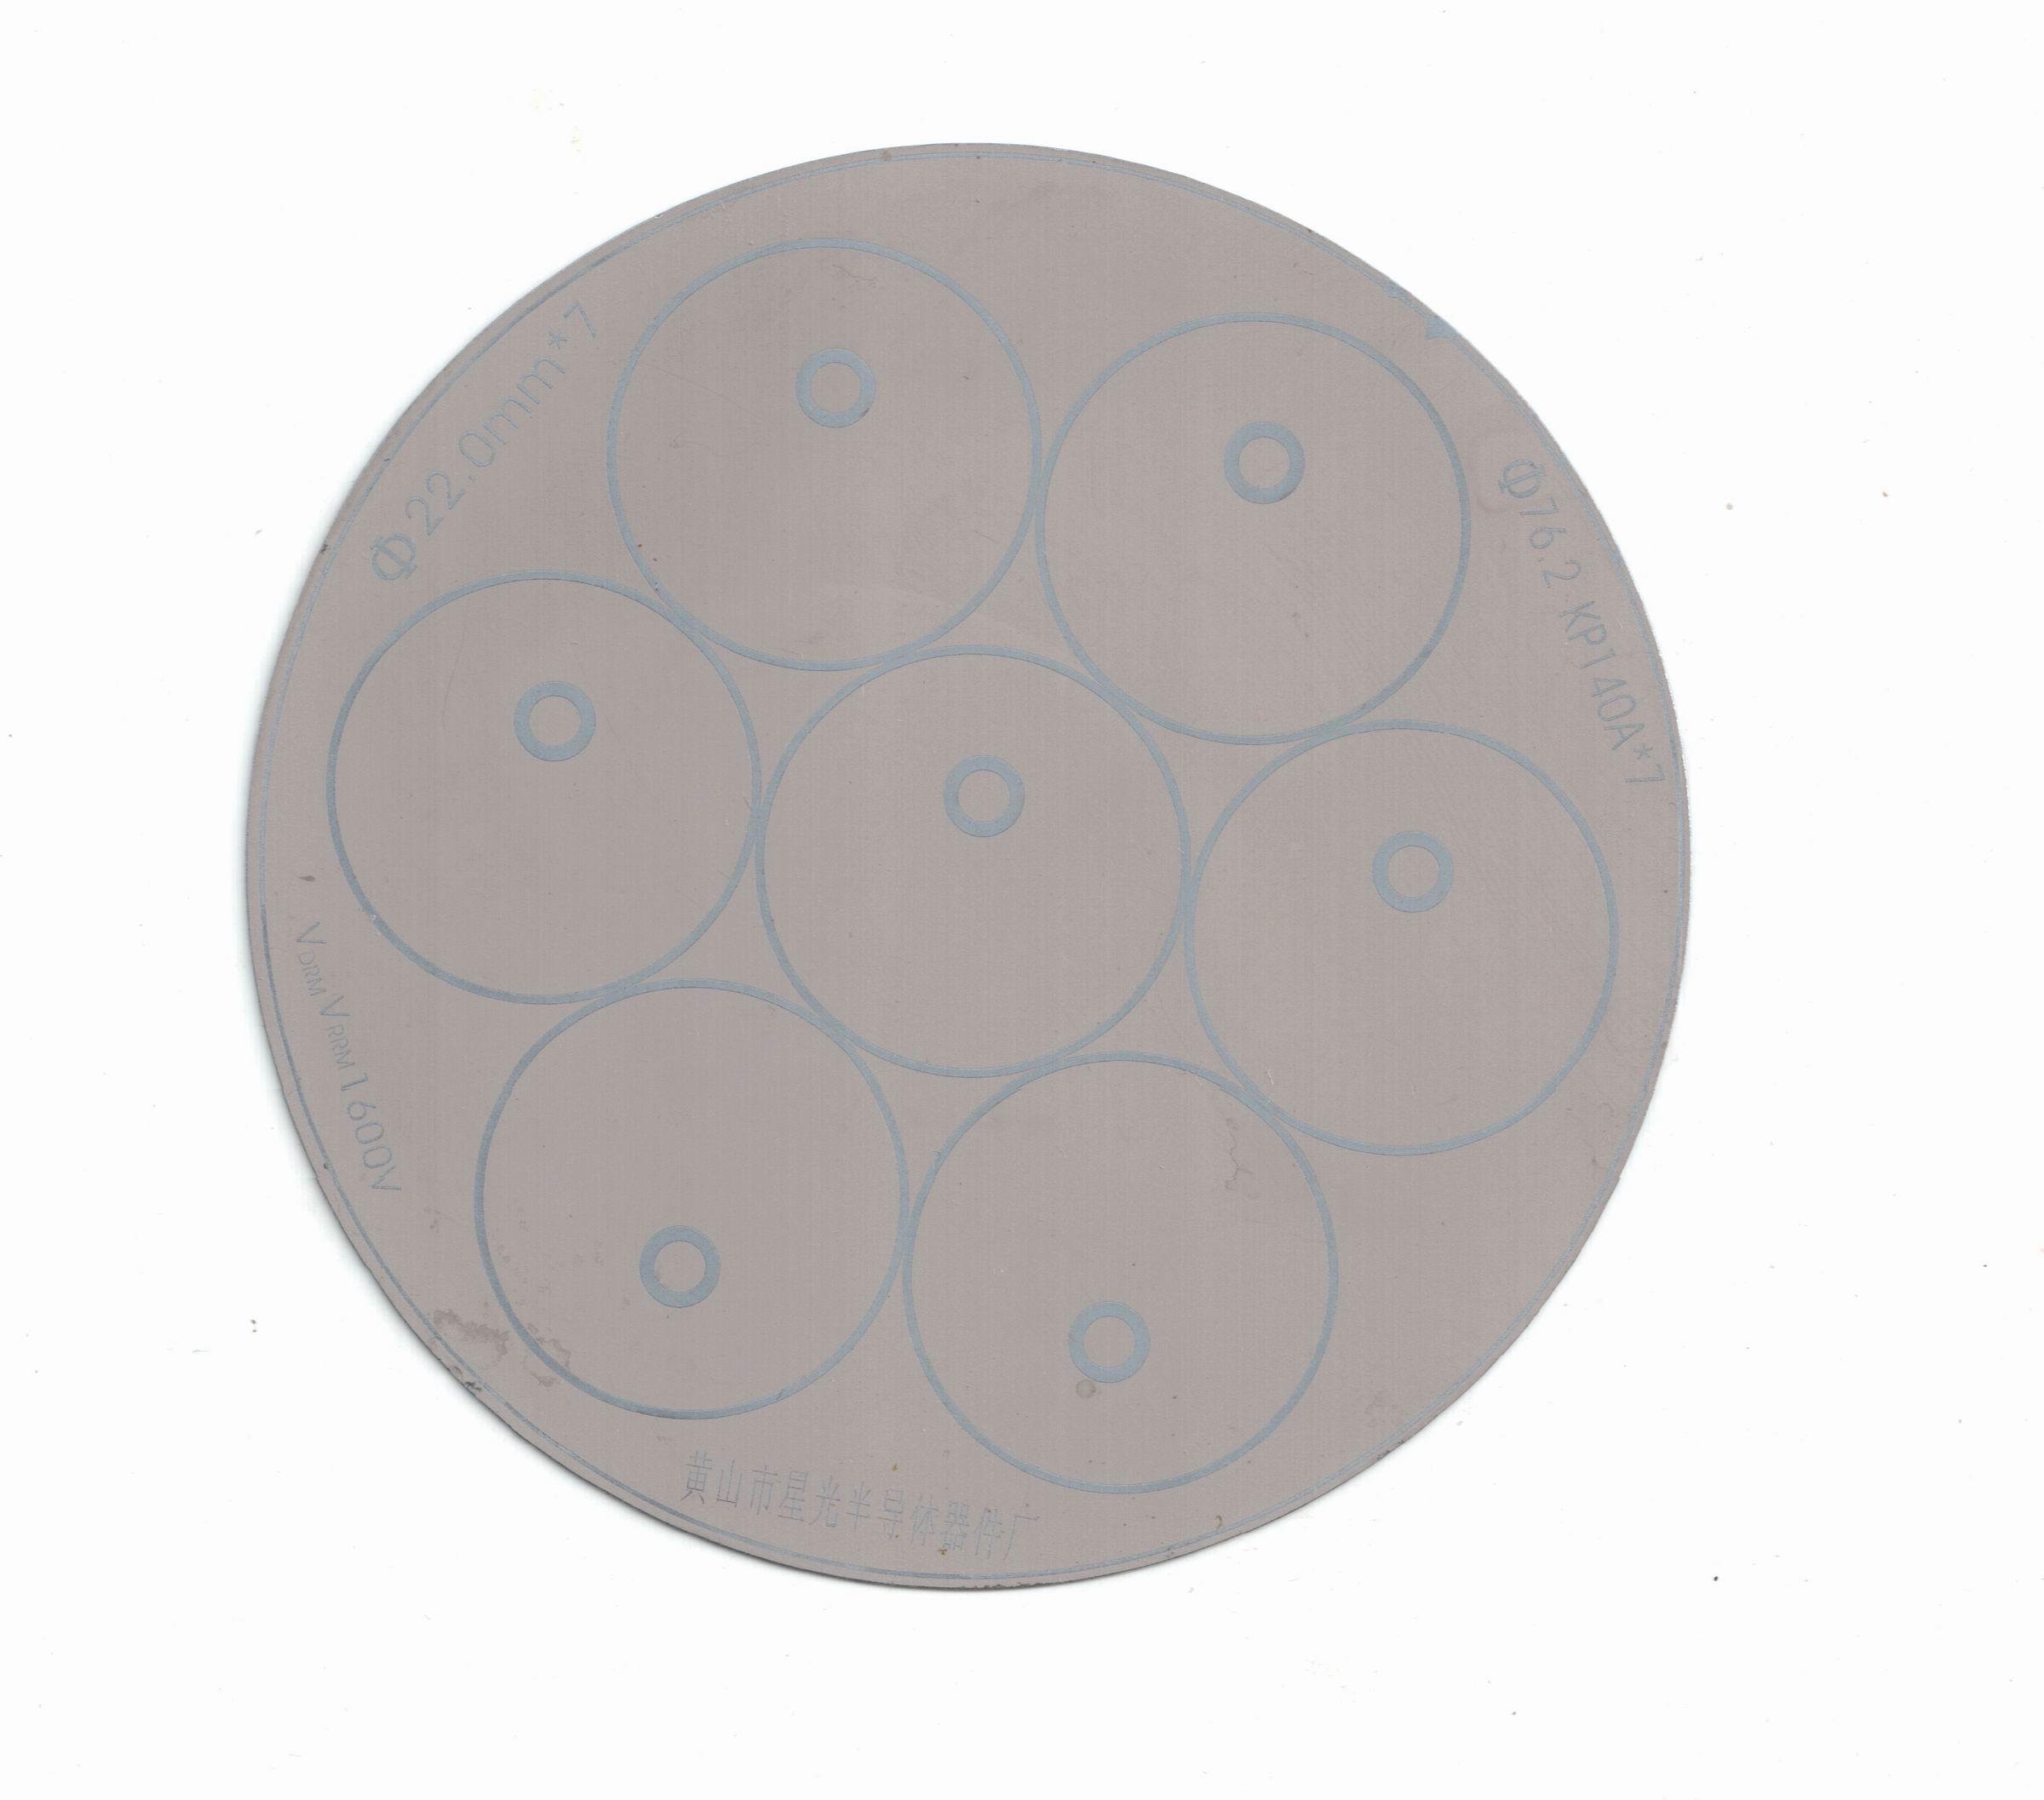 可控硅芯片图片 可控硅芯片样板图 电焊机用可控硅芯片KP...